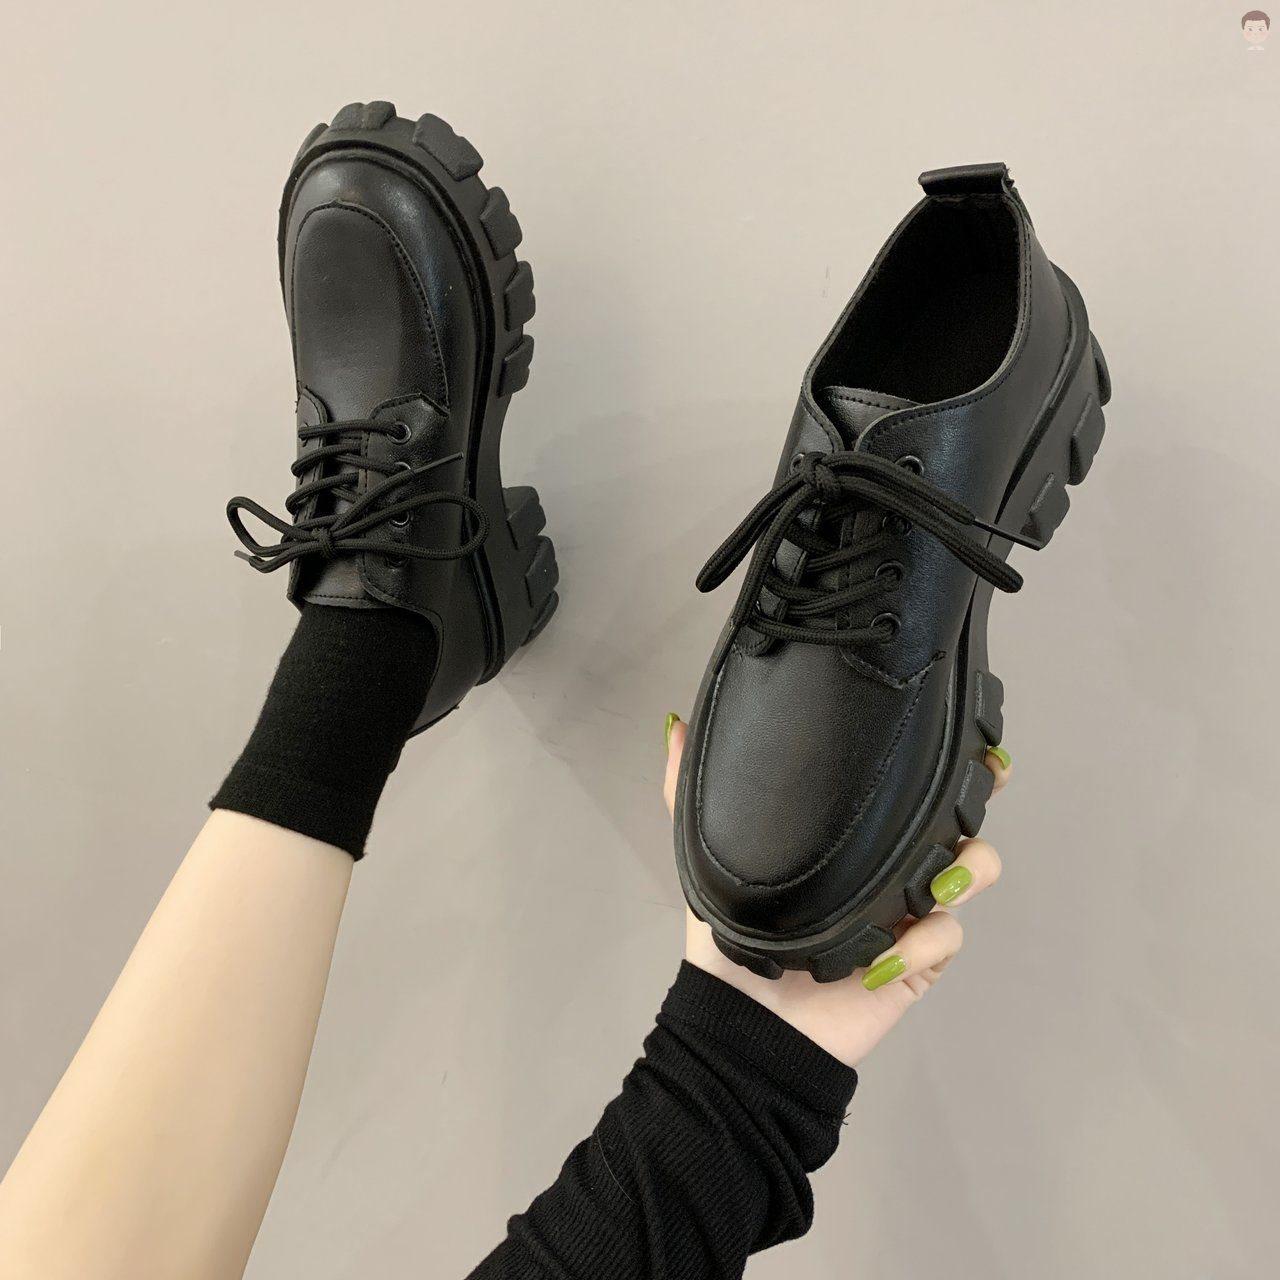 欧美松糕鞋 秋季松糕鞋女厚底欧美风鞋单鞋松糕鞋同款秋冬新款高跟单鞋大叔色_推荐淘宝好看的女欧美松糕鞋